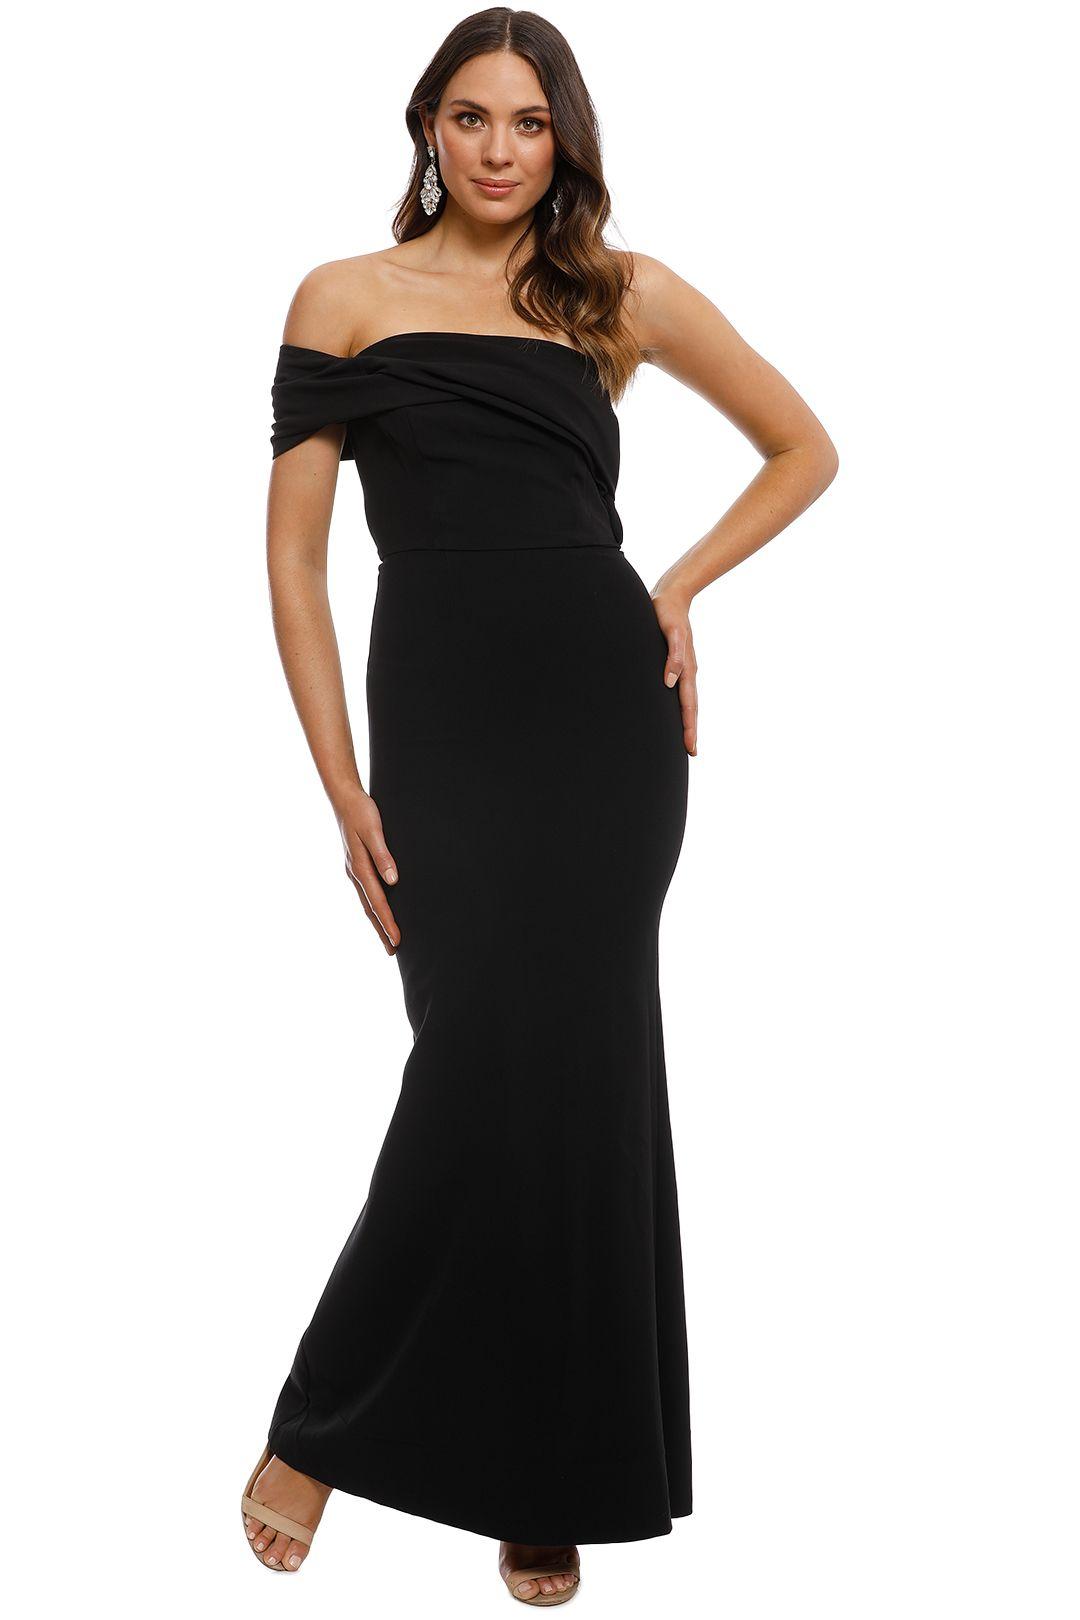 Unspoken - Aster One Shoulder Dress - Black - Front